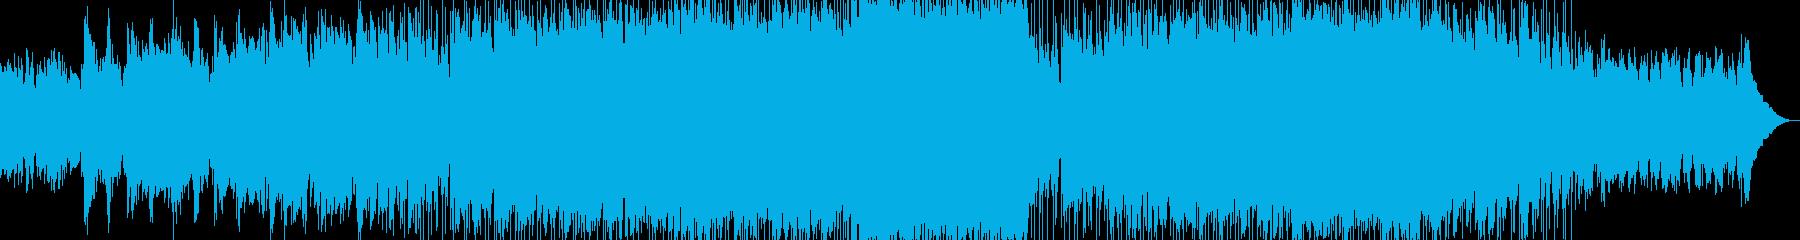 アコギアルペジオからのクラプトン風の再生済みの波形